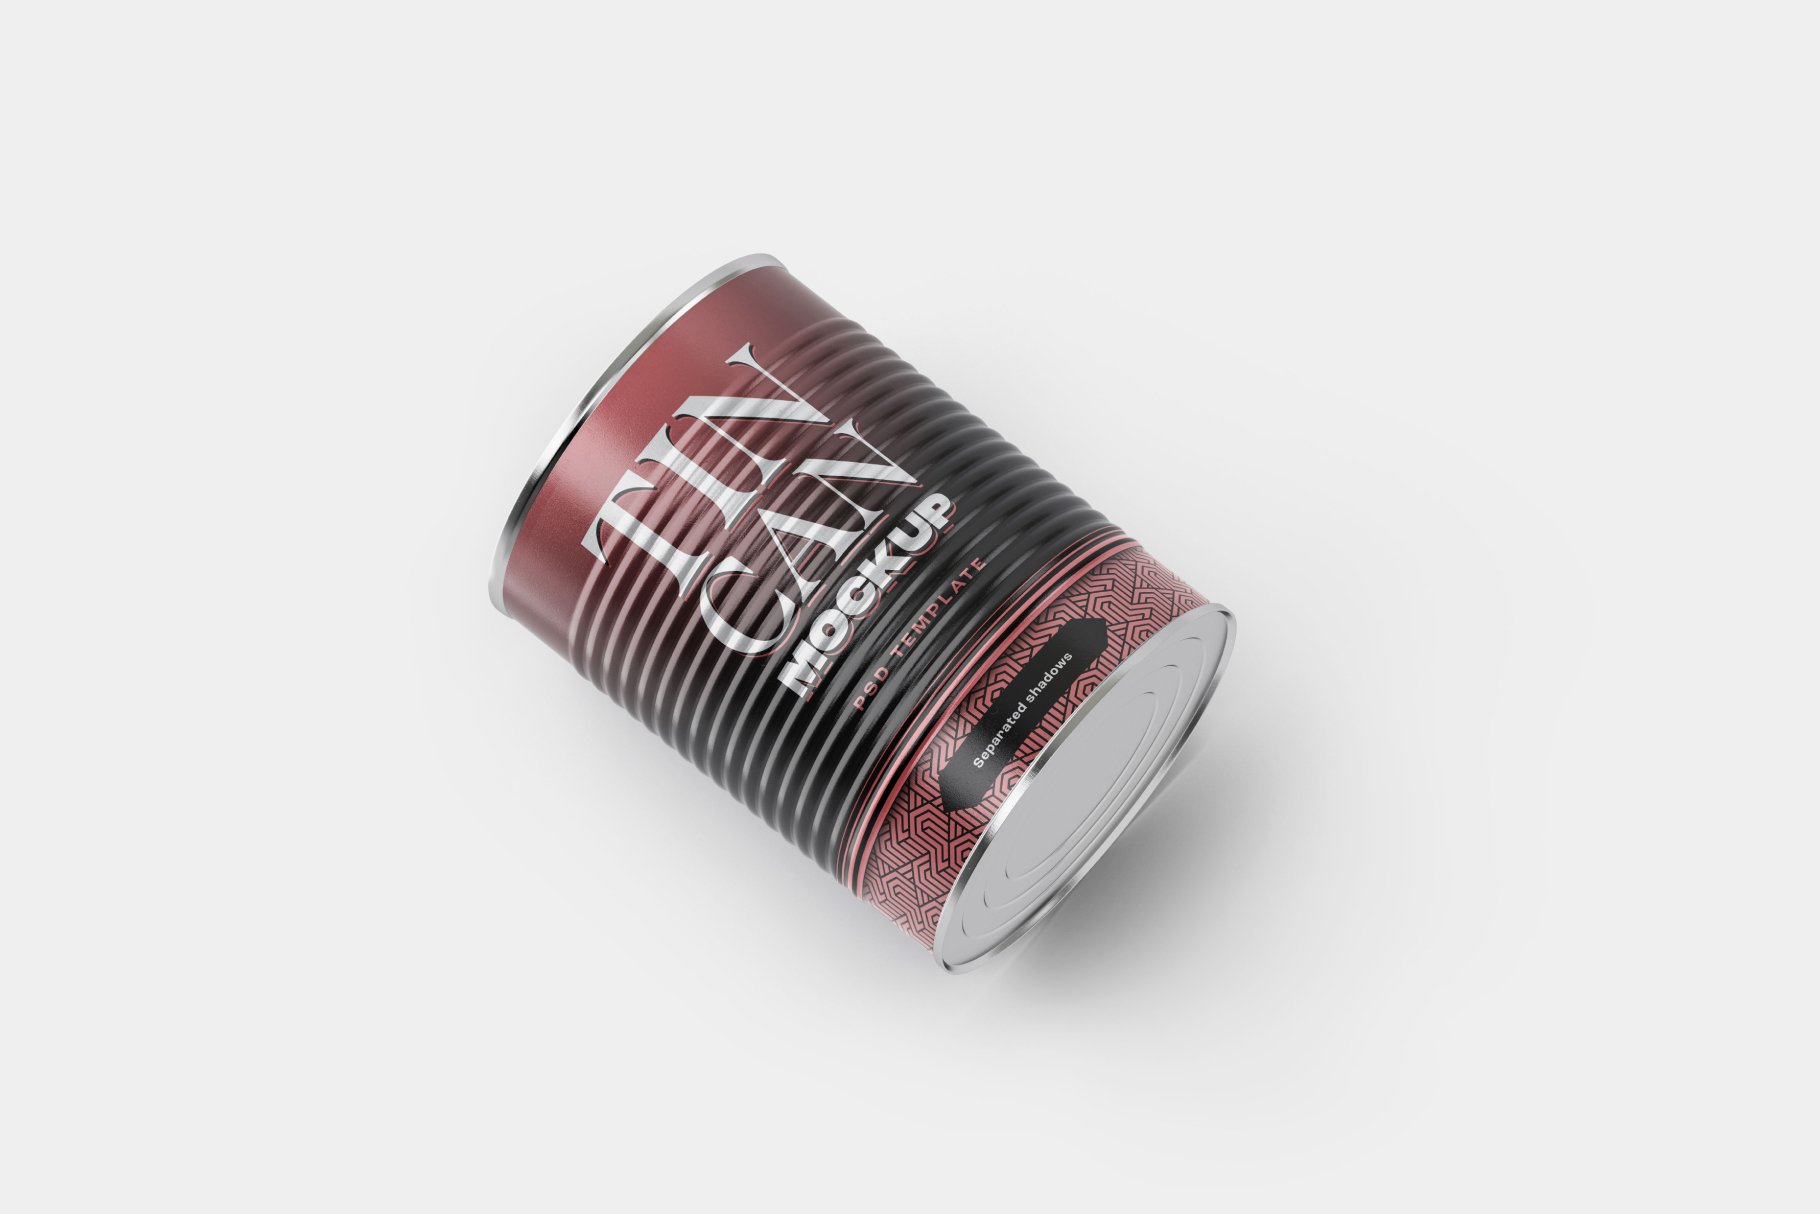 9款食品罐头金属锡罐包装样机模板素材合集 Tin Can Mockup Set | Conserve插图4